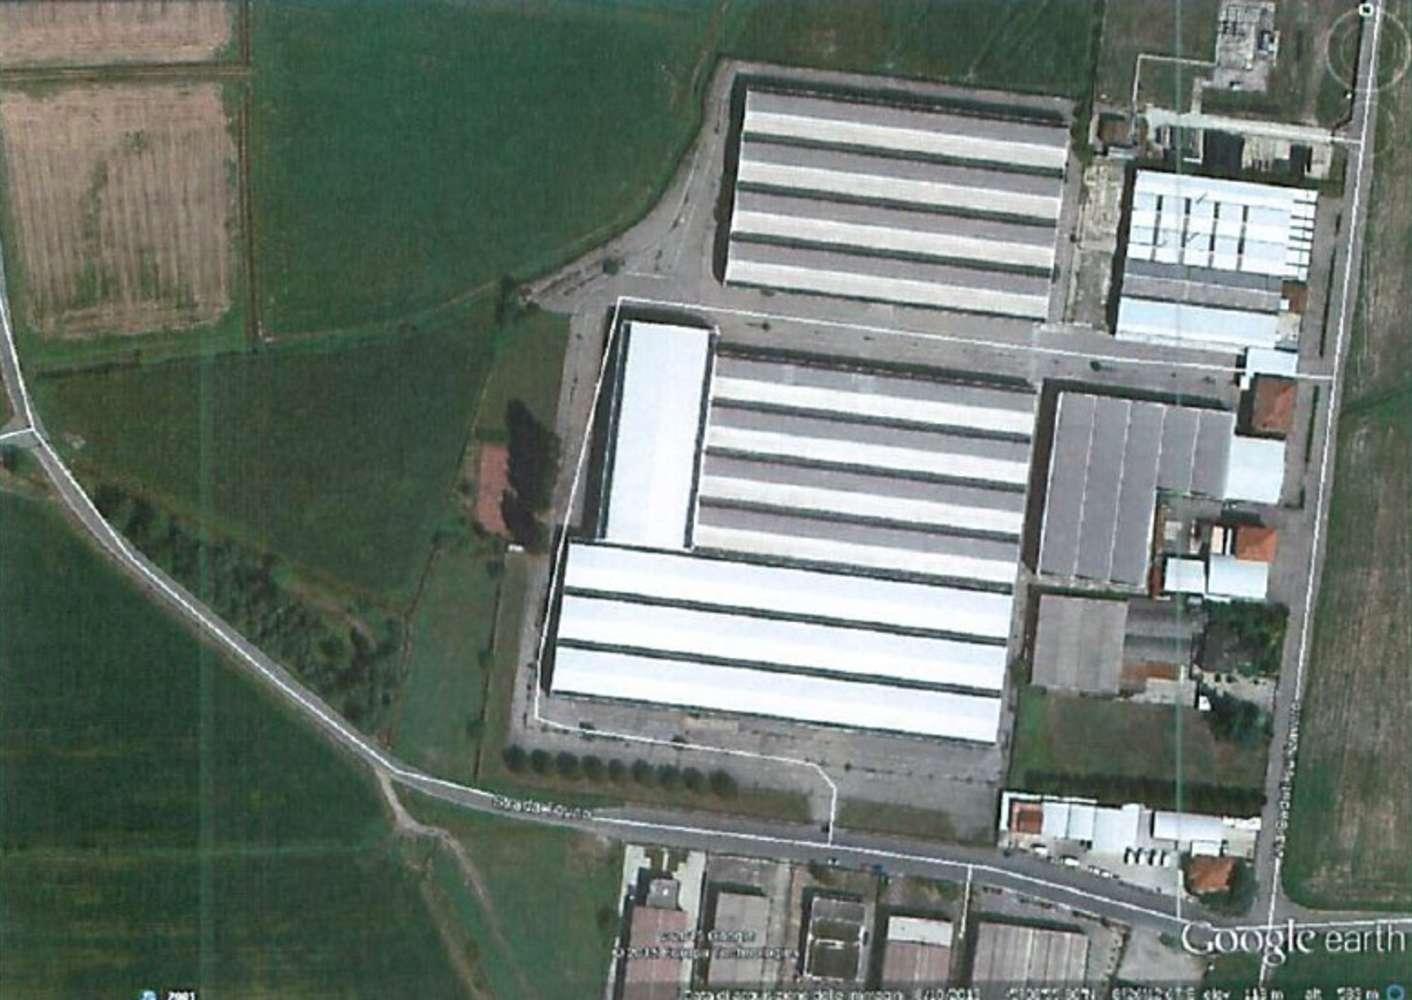 Magazzini industriali e logistici Casale monferrato, 15033 - Casale Monferrato - Via Caduti sul Lavoro - 9844560